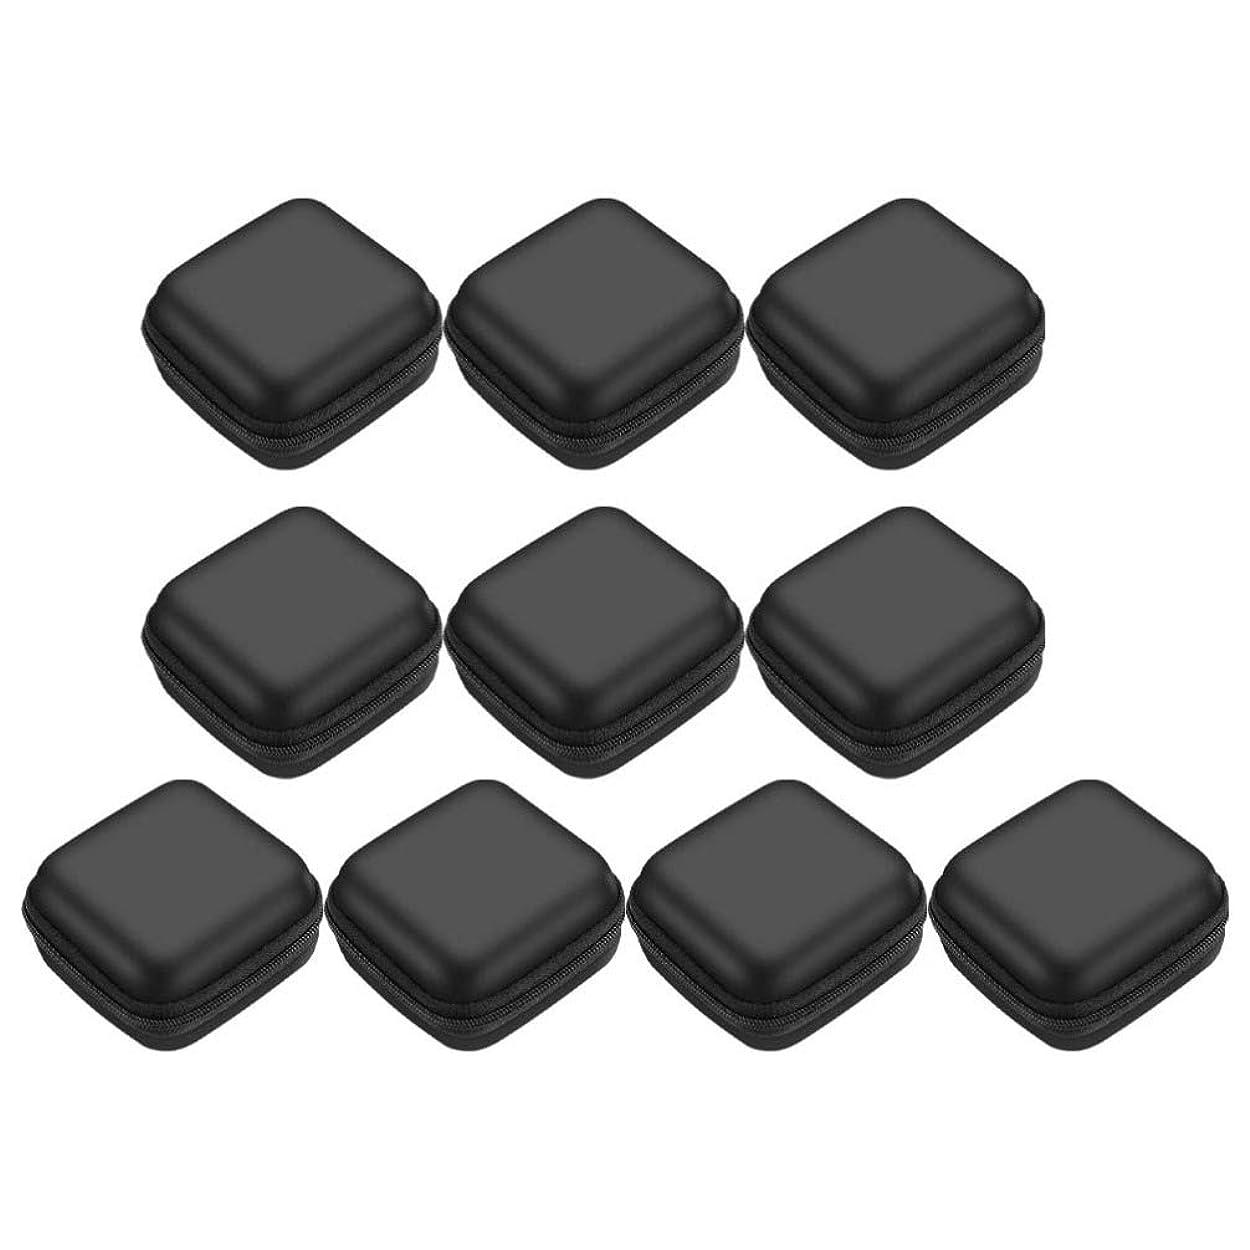 伝統制限するエジプト人Yardwe 10ピースイヤホン収納ボックスデータケーブルホルダーケースミニキャリングポーチバッグトラベルキャリングケースバッグ用ジュエリーヘッドセット電源コード(スクエア、ランダムカラー)